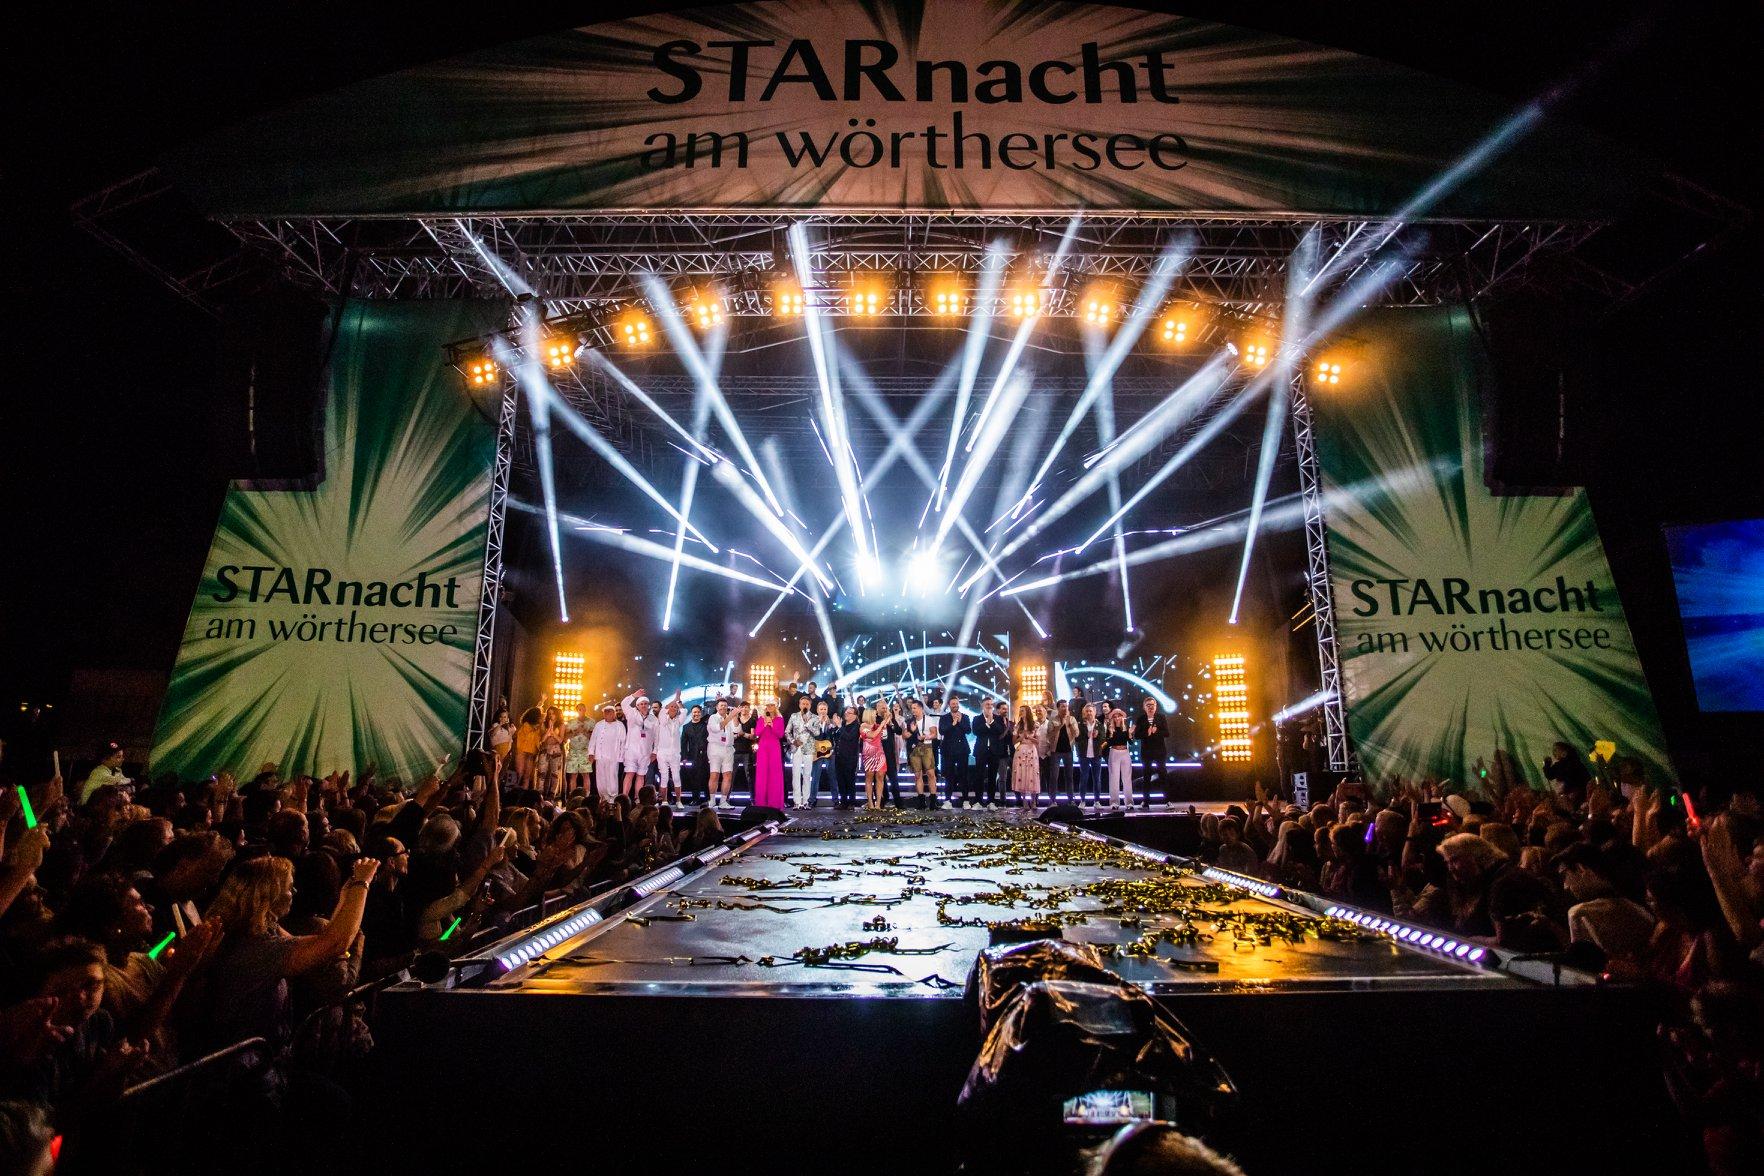 Starnacht Am Wörthersee